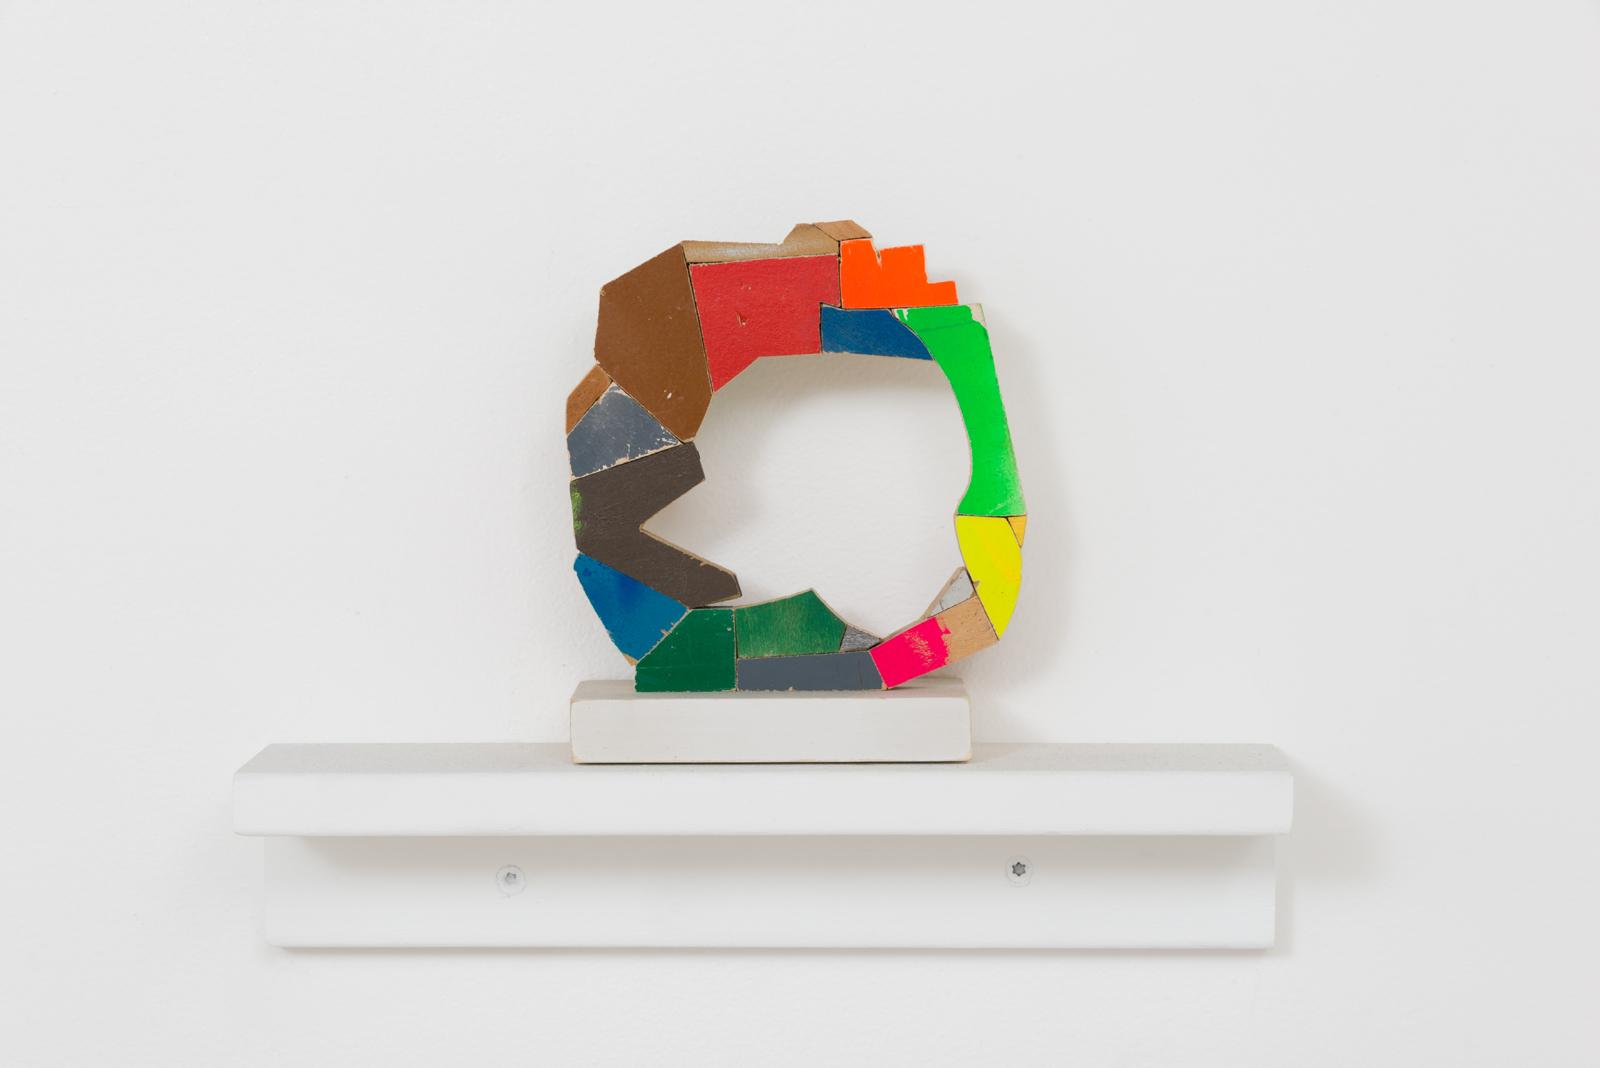 Damien Hoar de Galvan  ring ,2016 wood, paint 6 x 5 x 3 in.